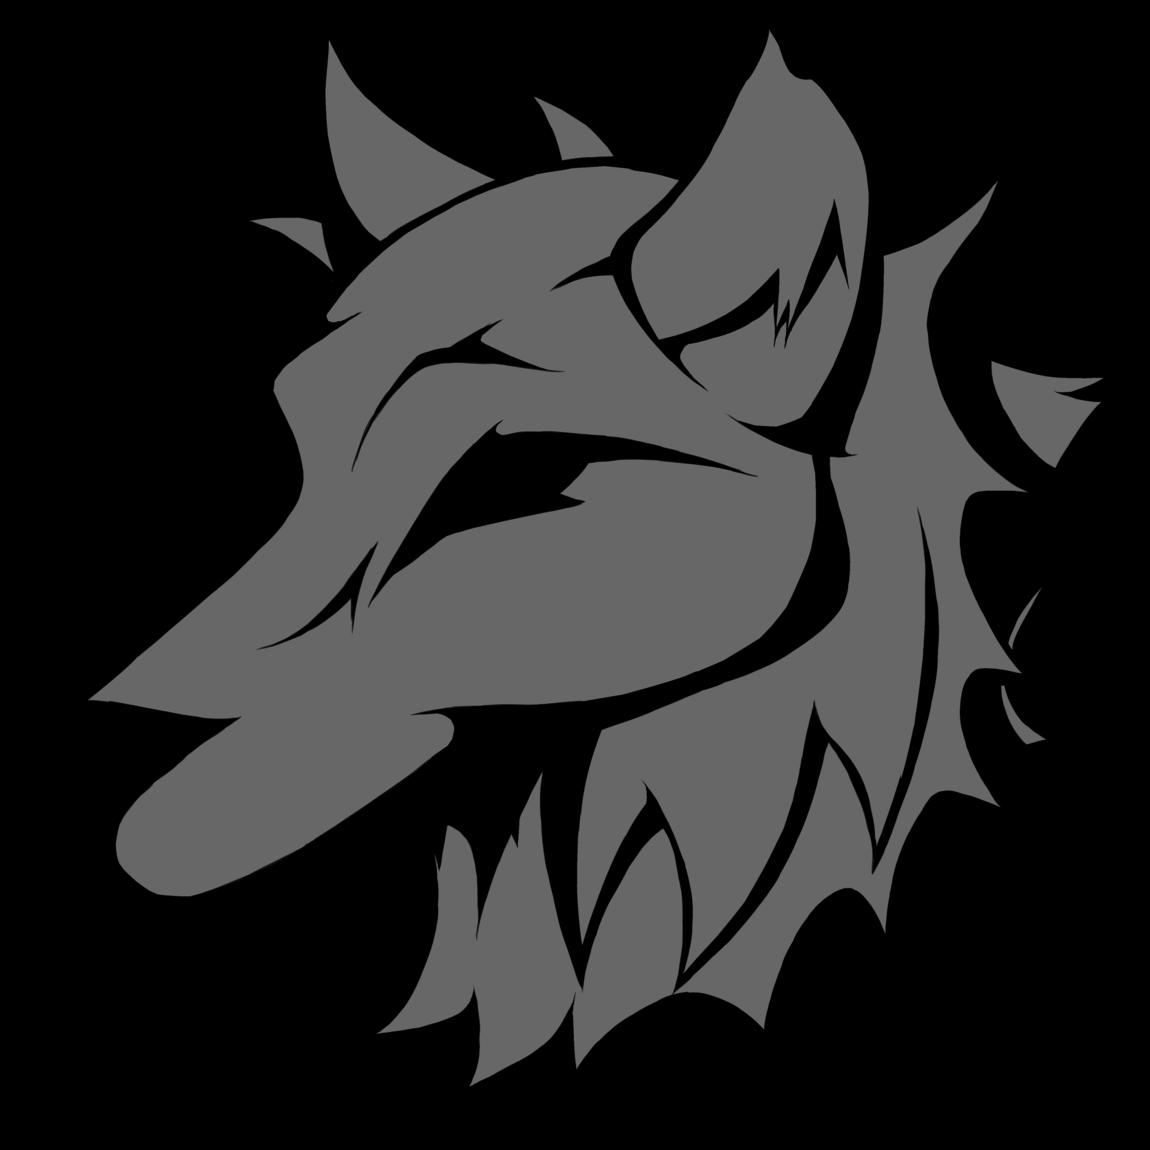 f:id:bloodhound2817:20161129004455p:plain